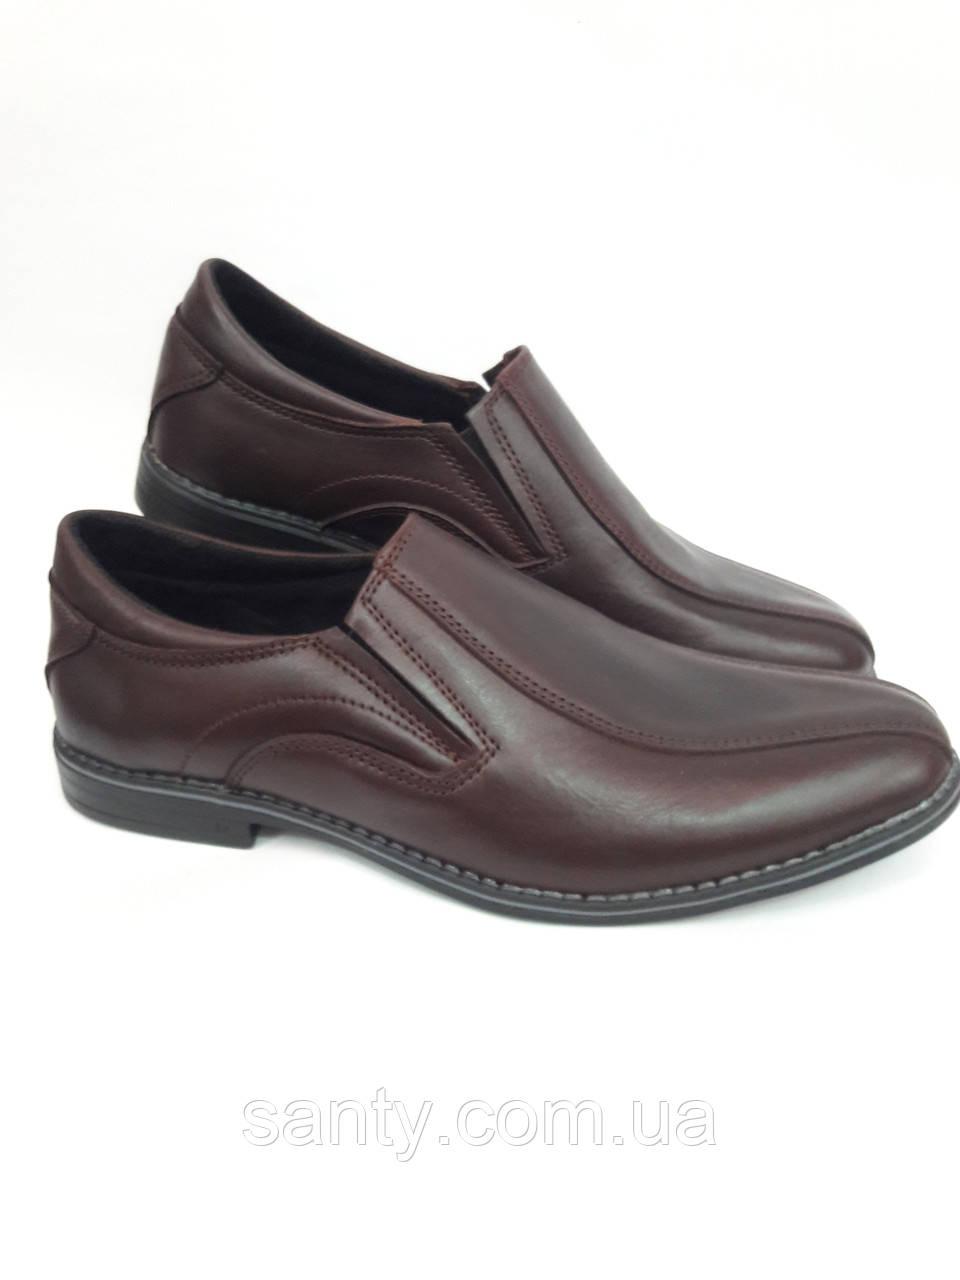 Мужские классические туфли из натуральной кожи